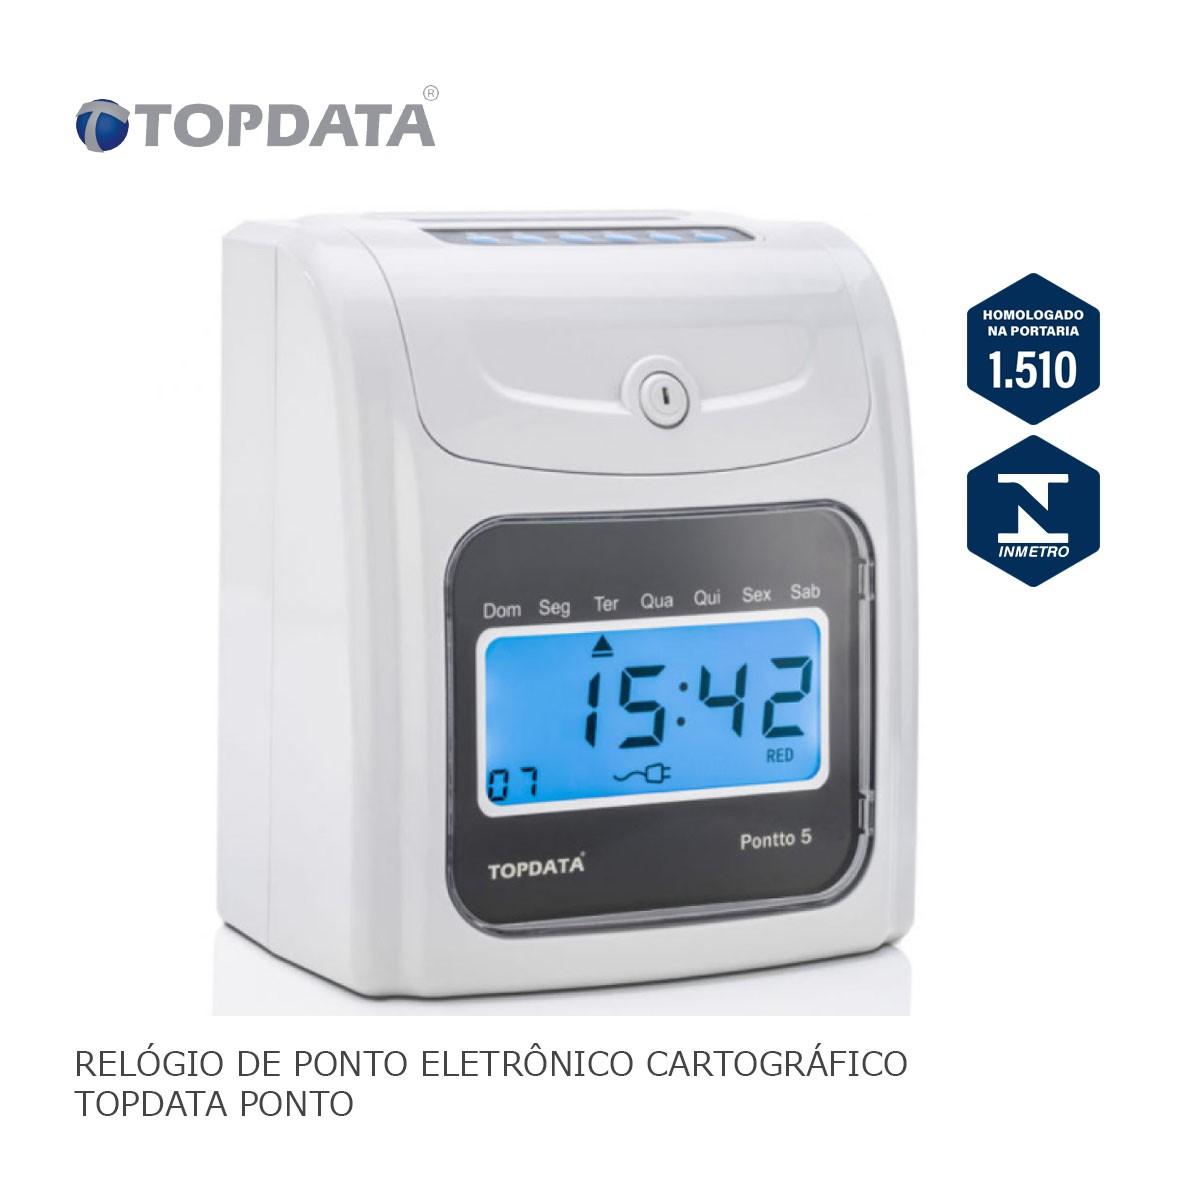 Relógio de Ponto Eletrônico Cartográfico Topdata Pontto 5